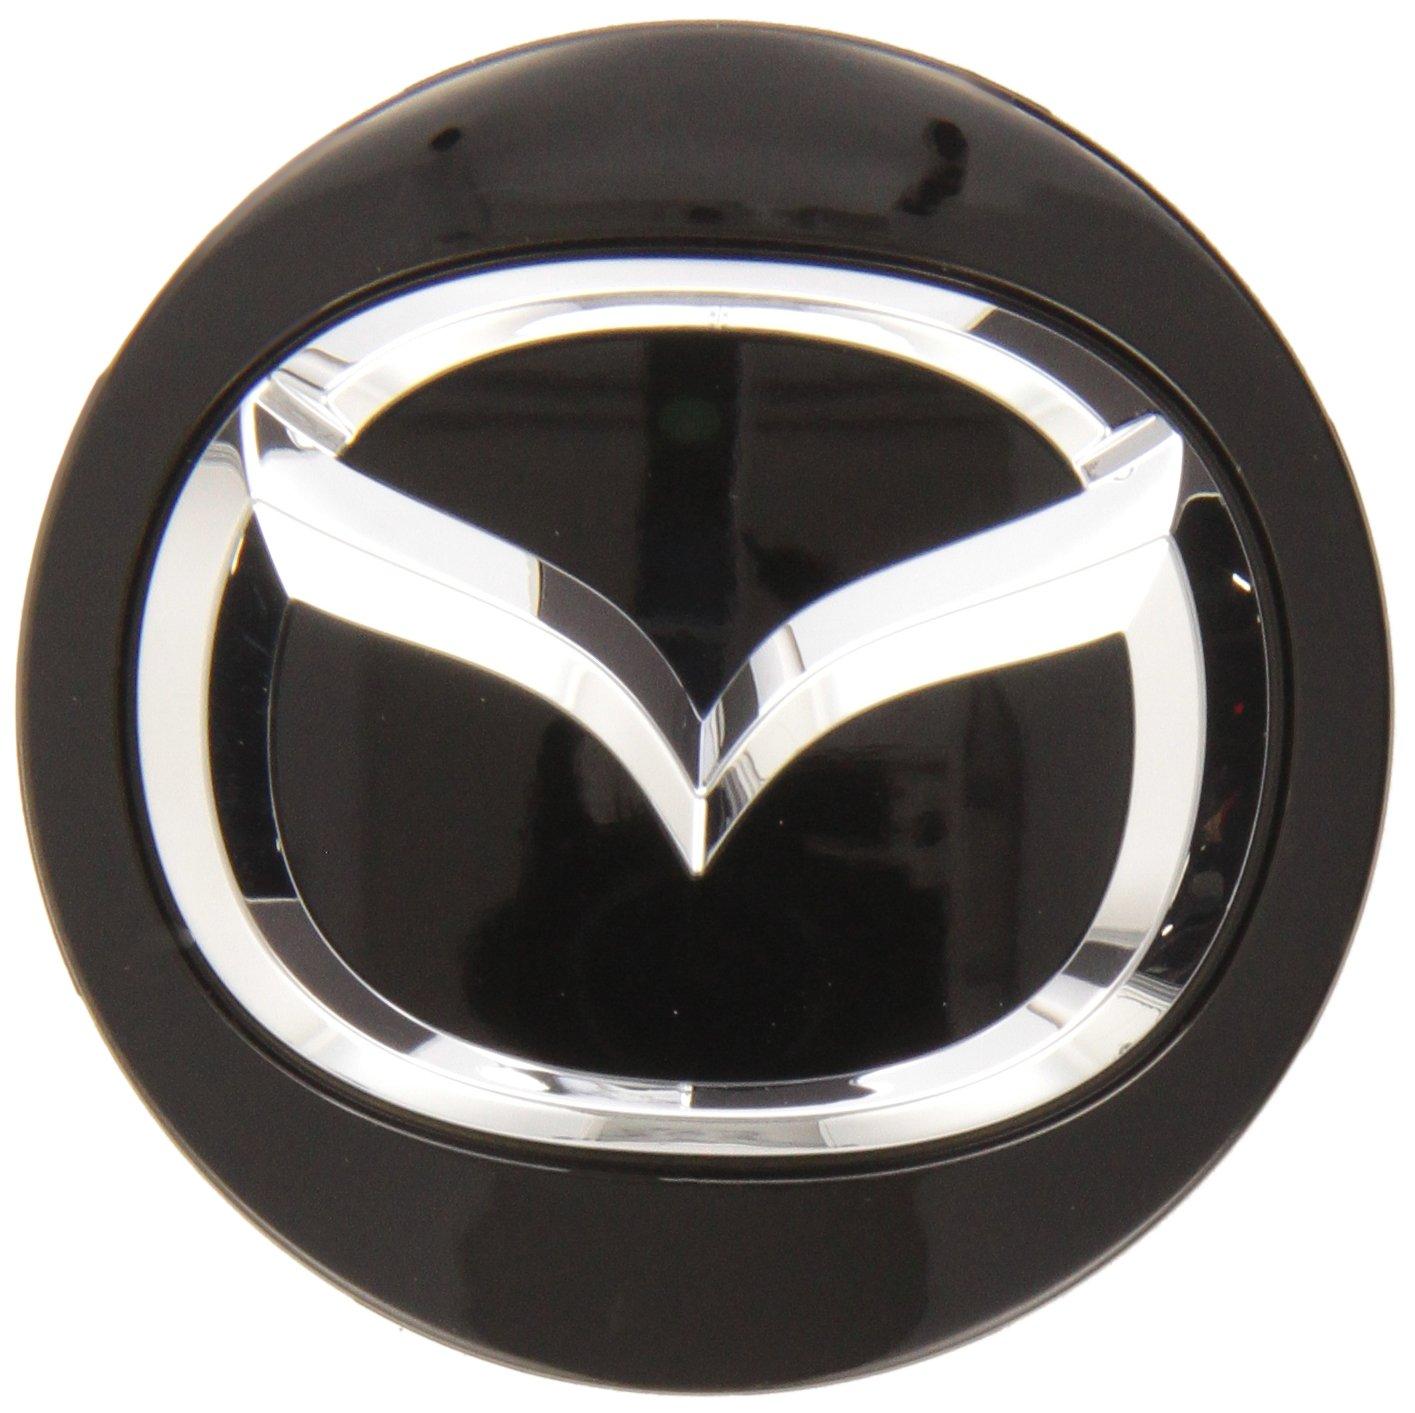 Genuine Mazda KD51-37-190 Center Cap